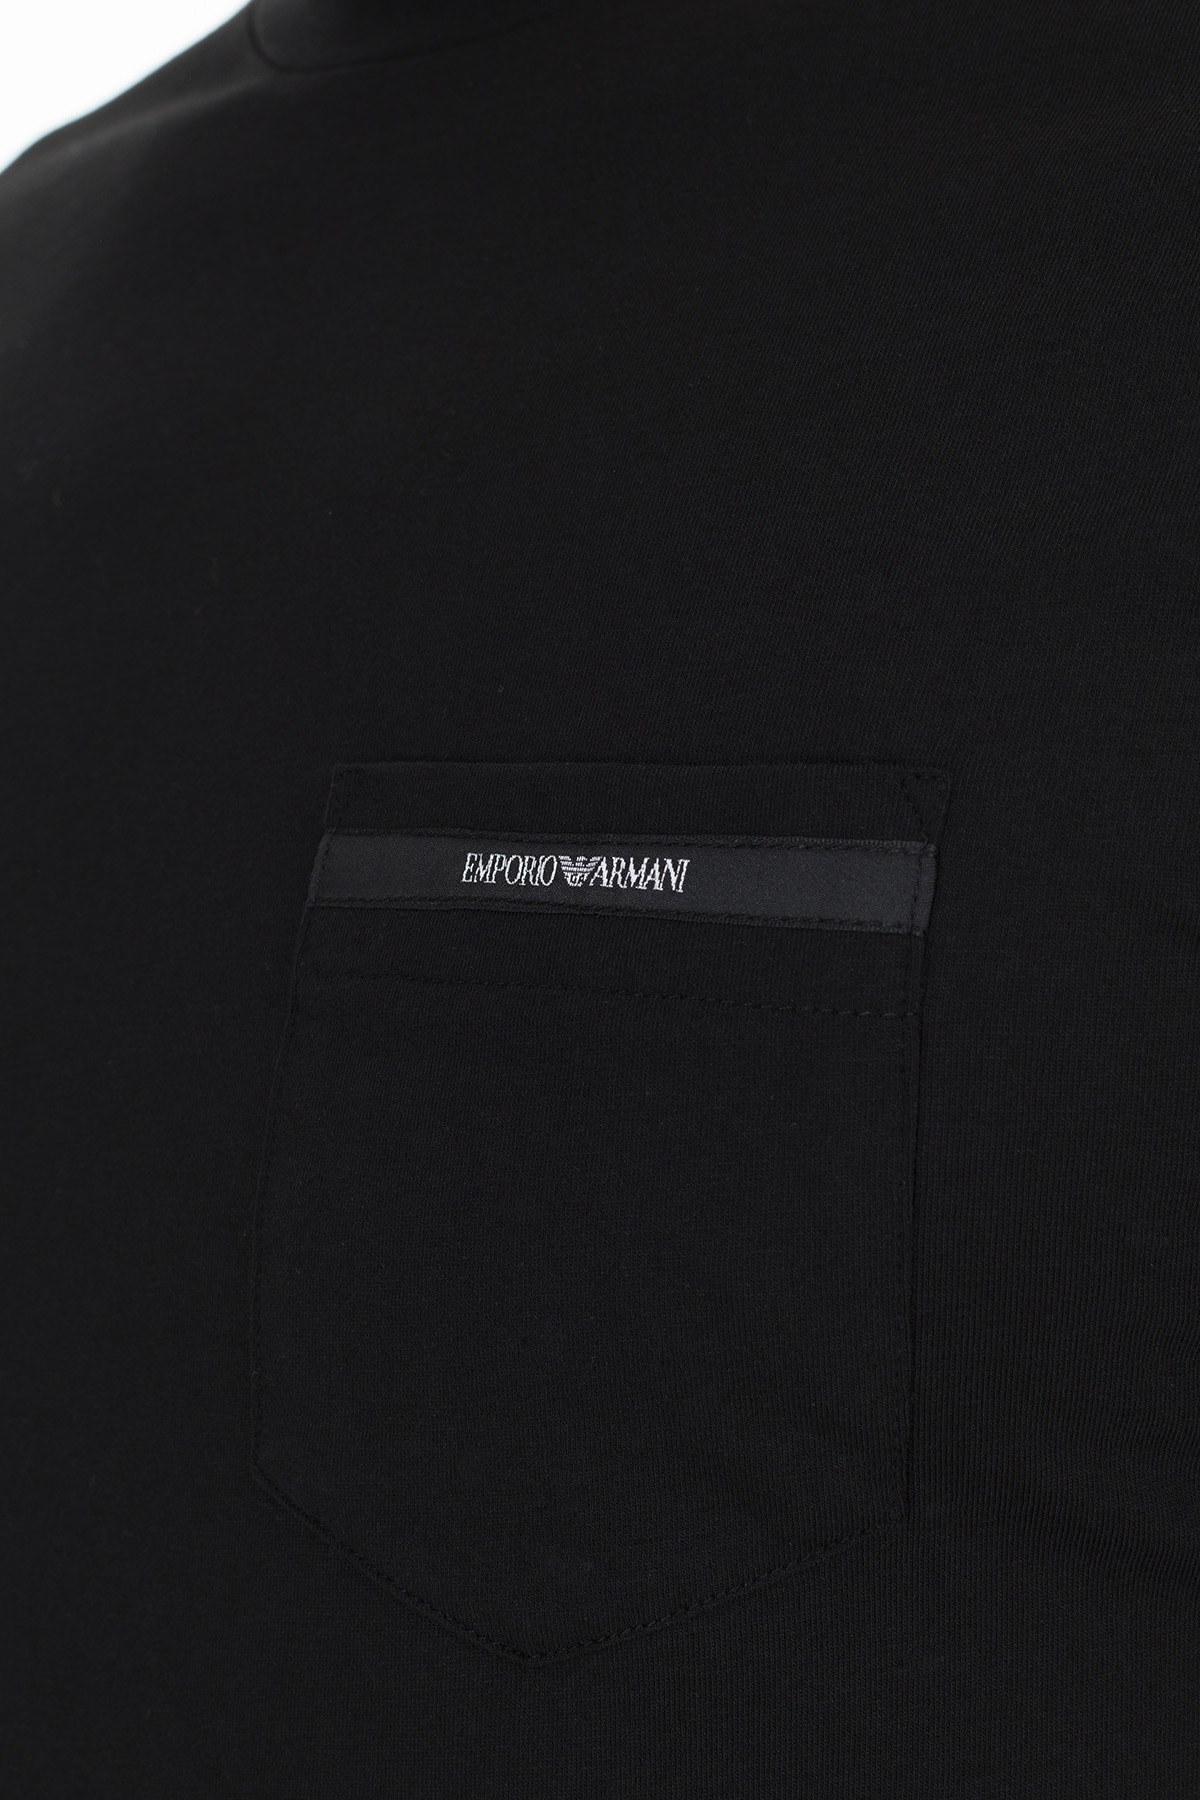 Emporio Armani Regular Fit Erkek T Shirt S 6G1TA6 1J00Z 0999 SİYAH